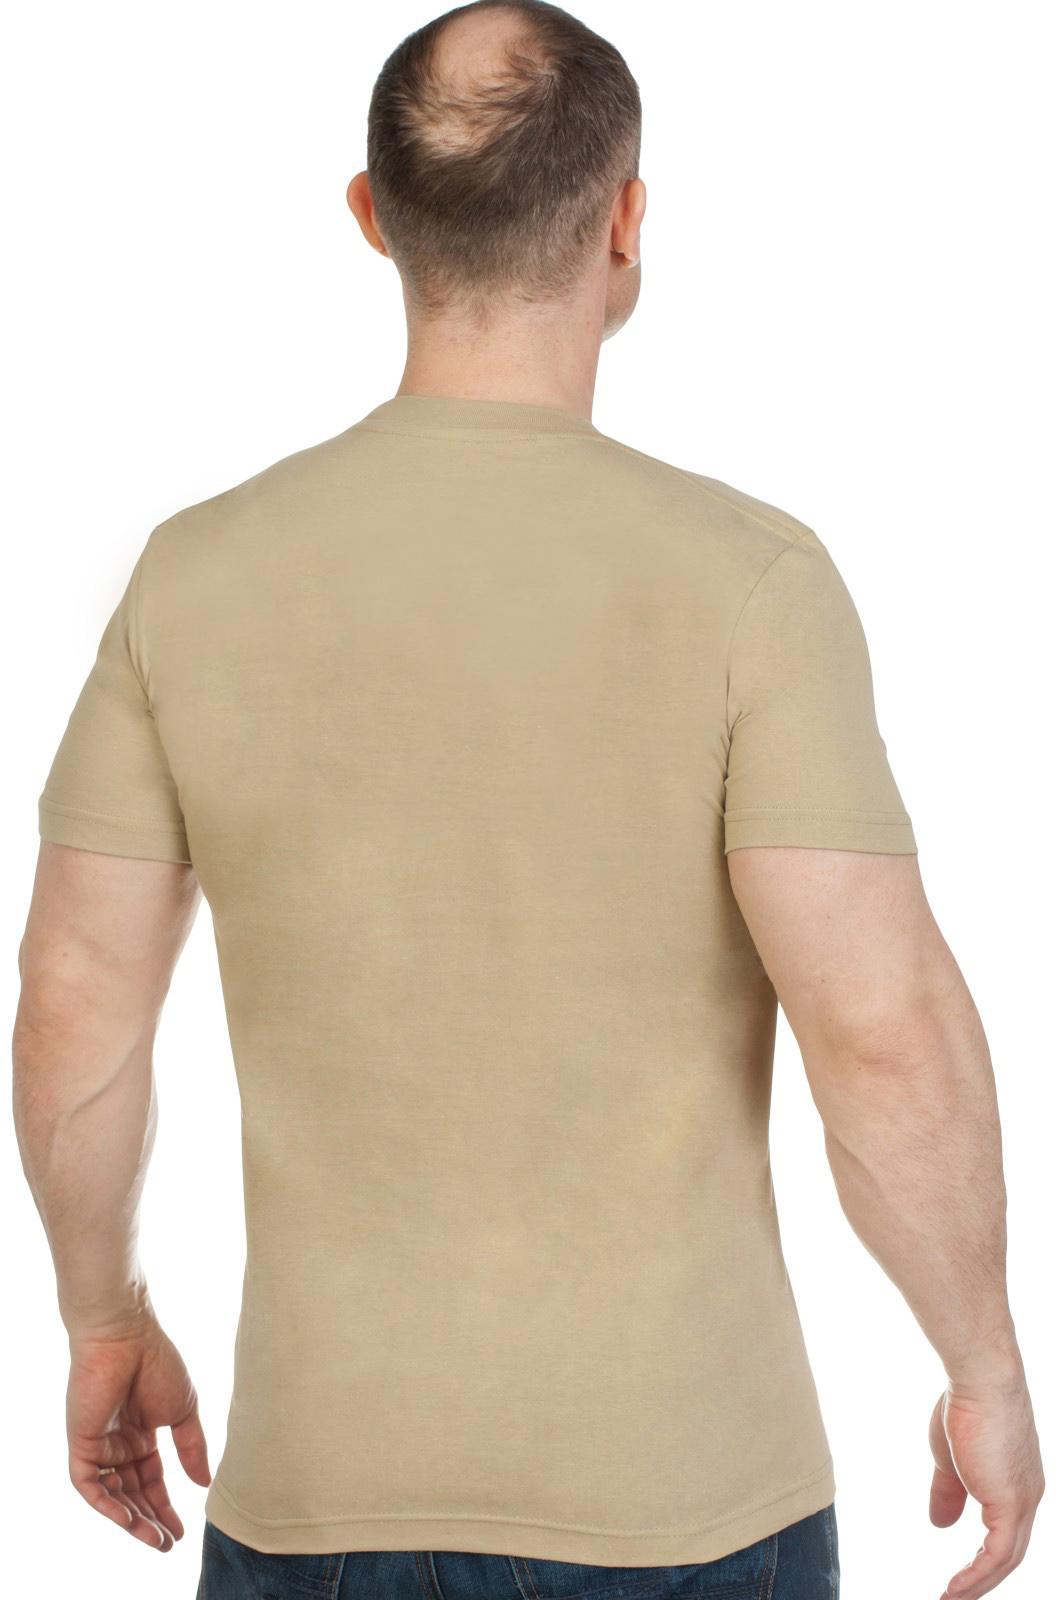 Мужская светлая футболка АФГАН - купить онлайн